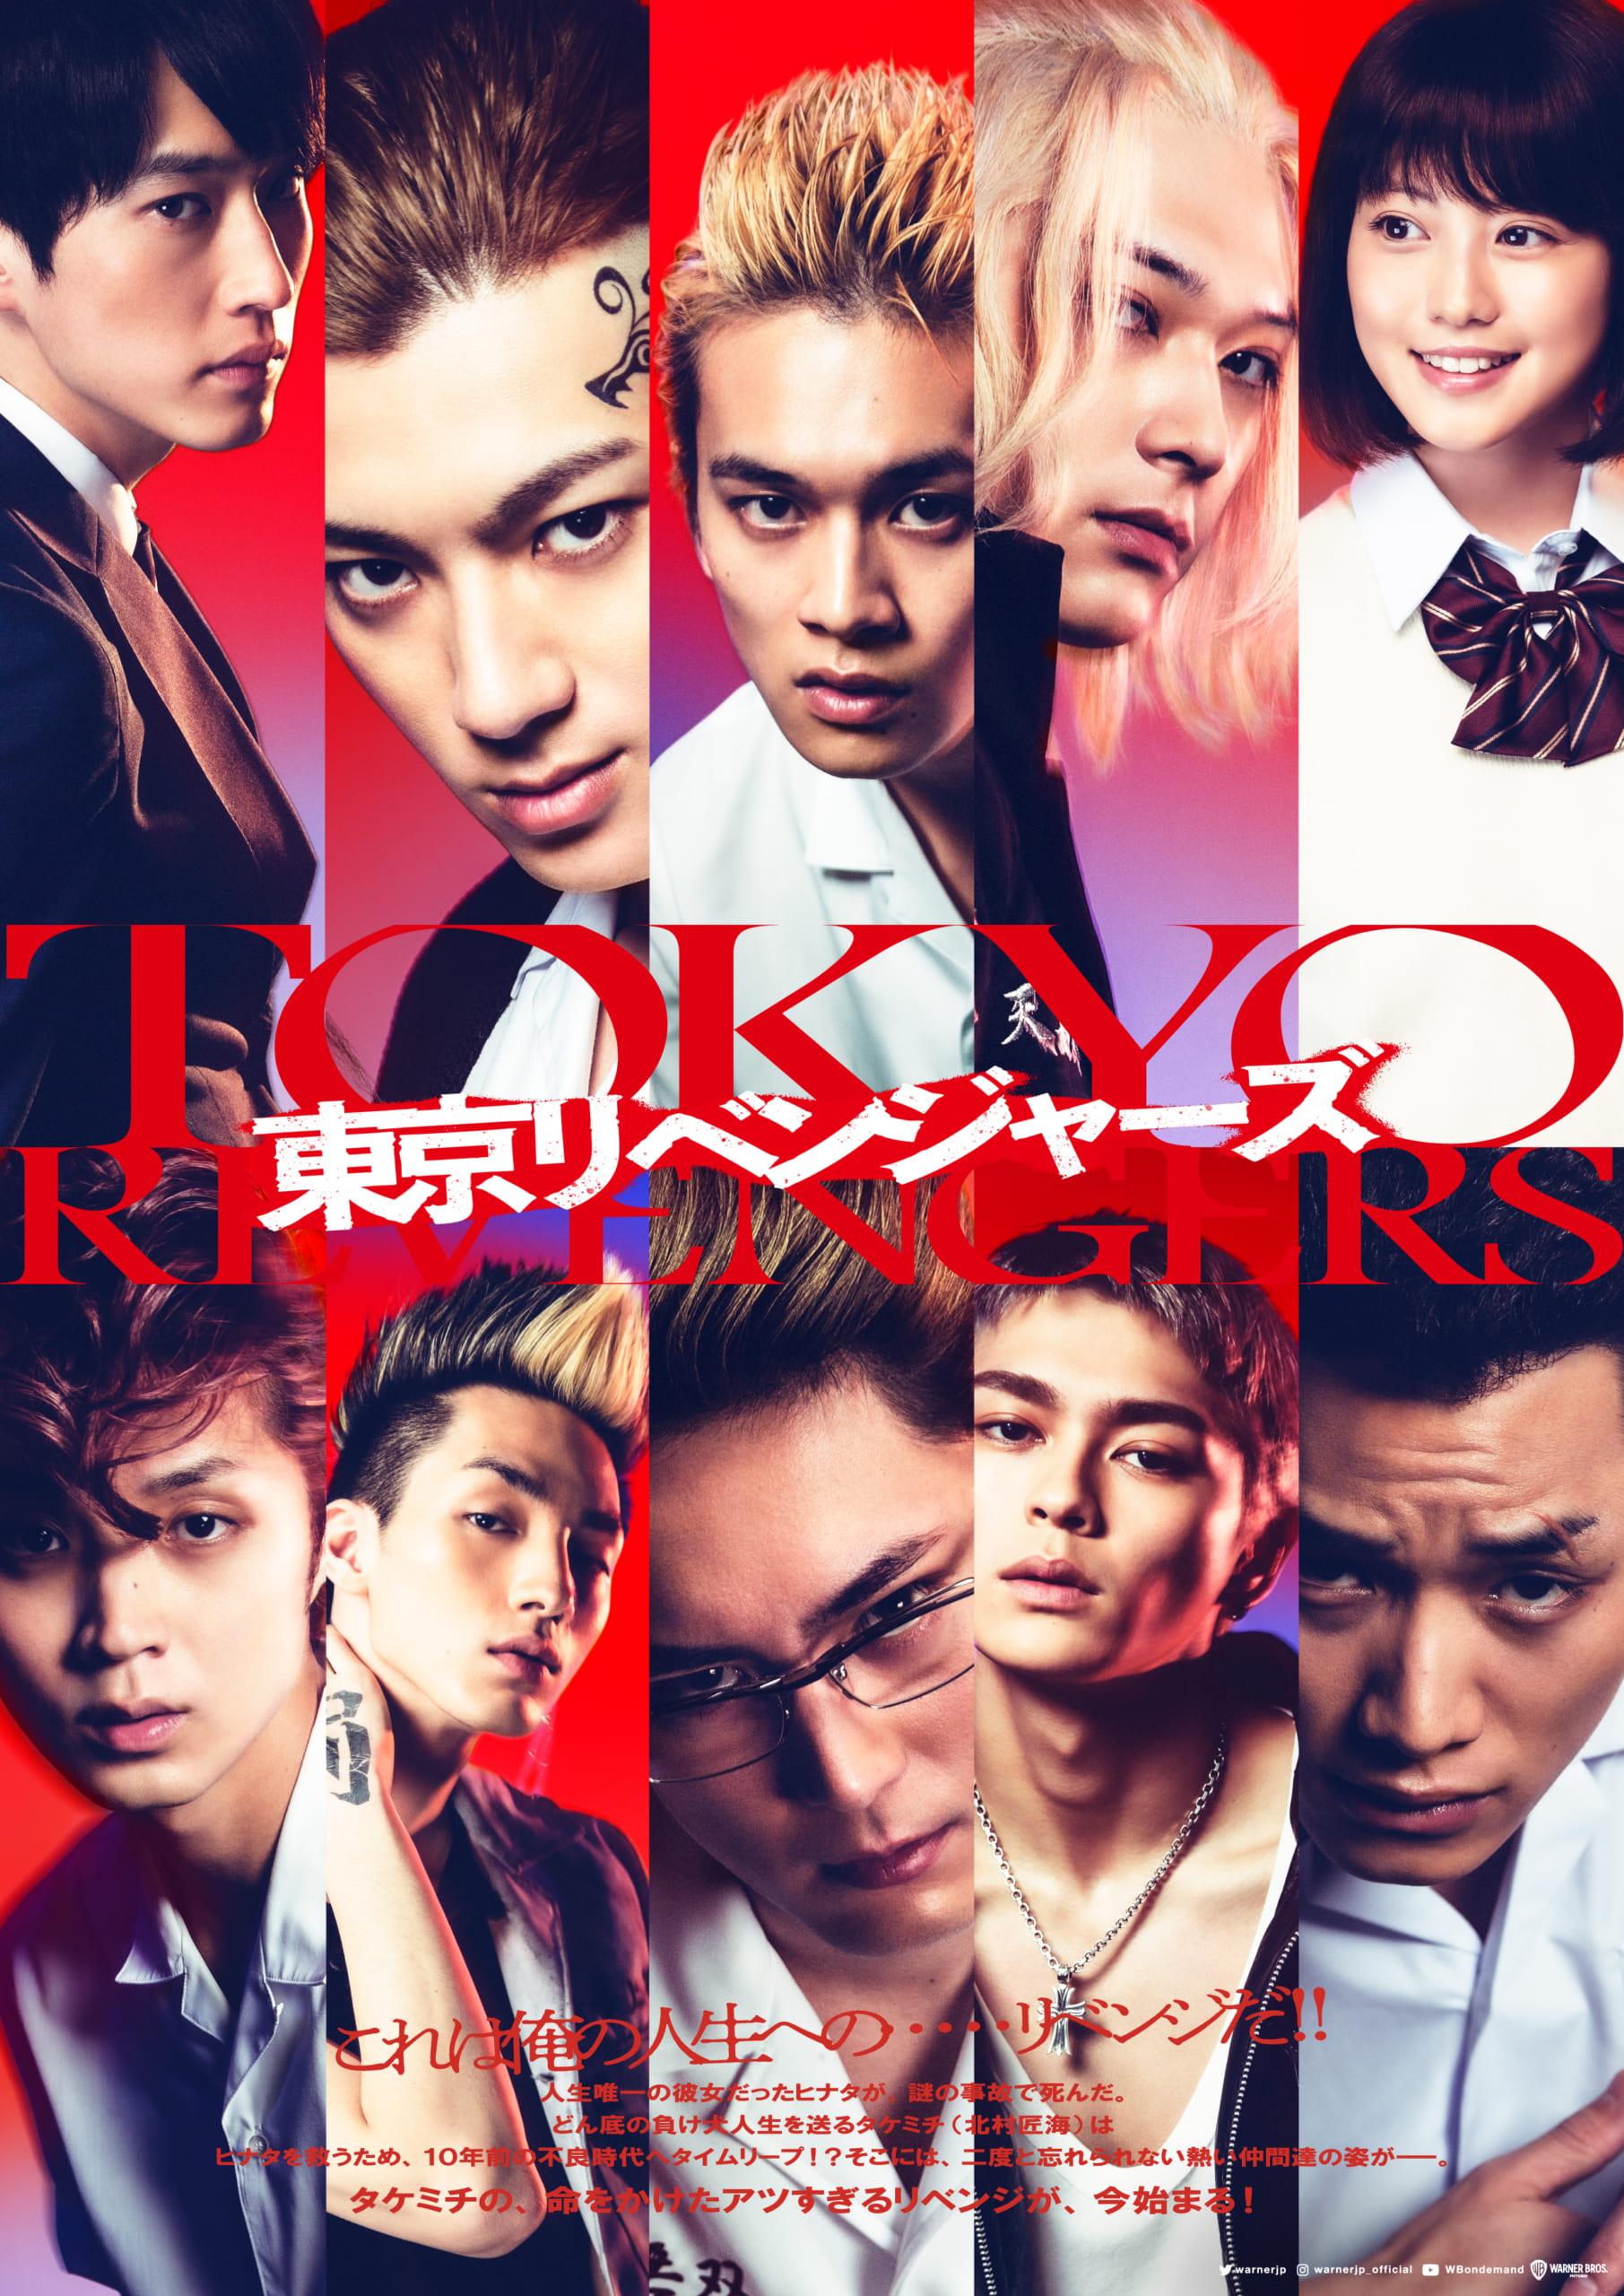 実写映画「東京リベンジャーズ」本編映像初解禁!ナレーションは原作ファンの下野紘さんが担当